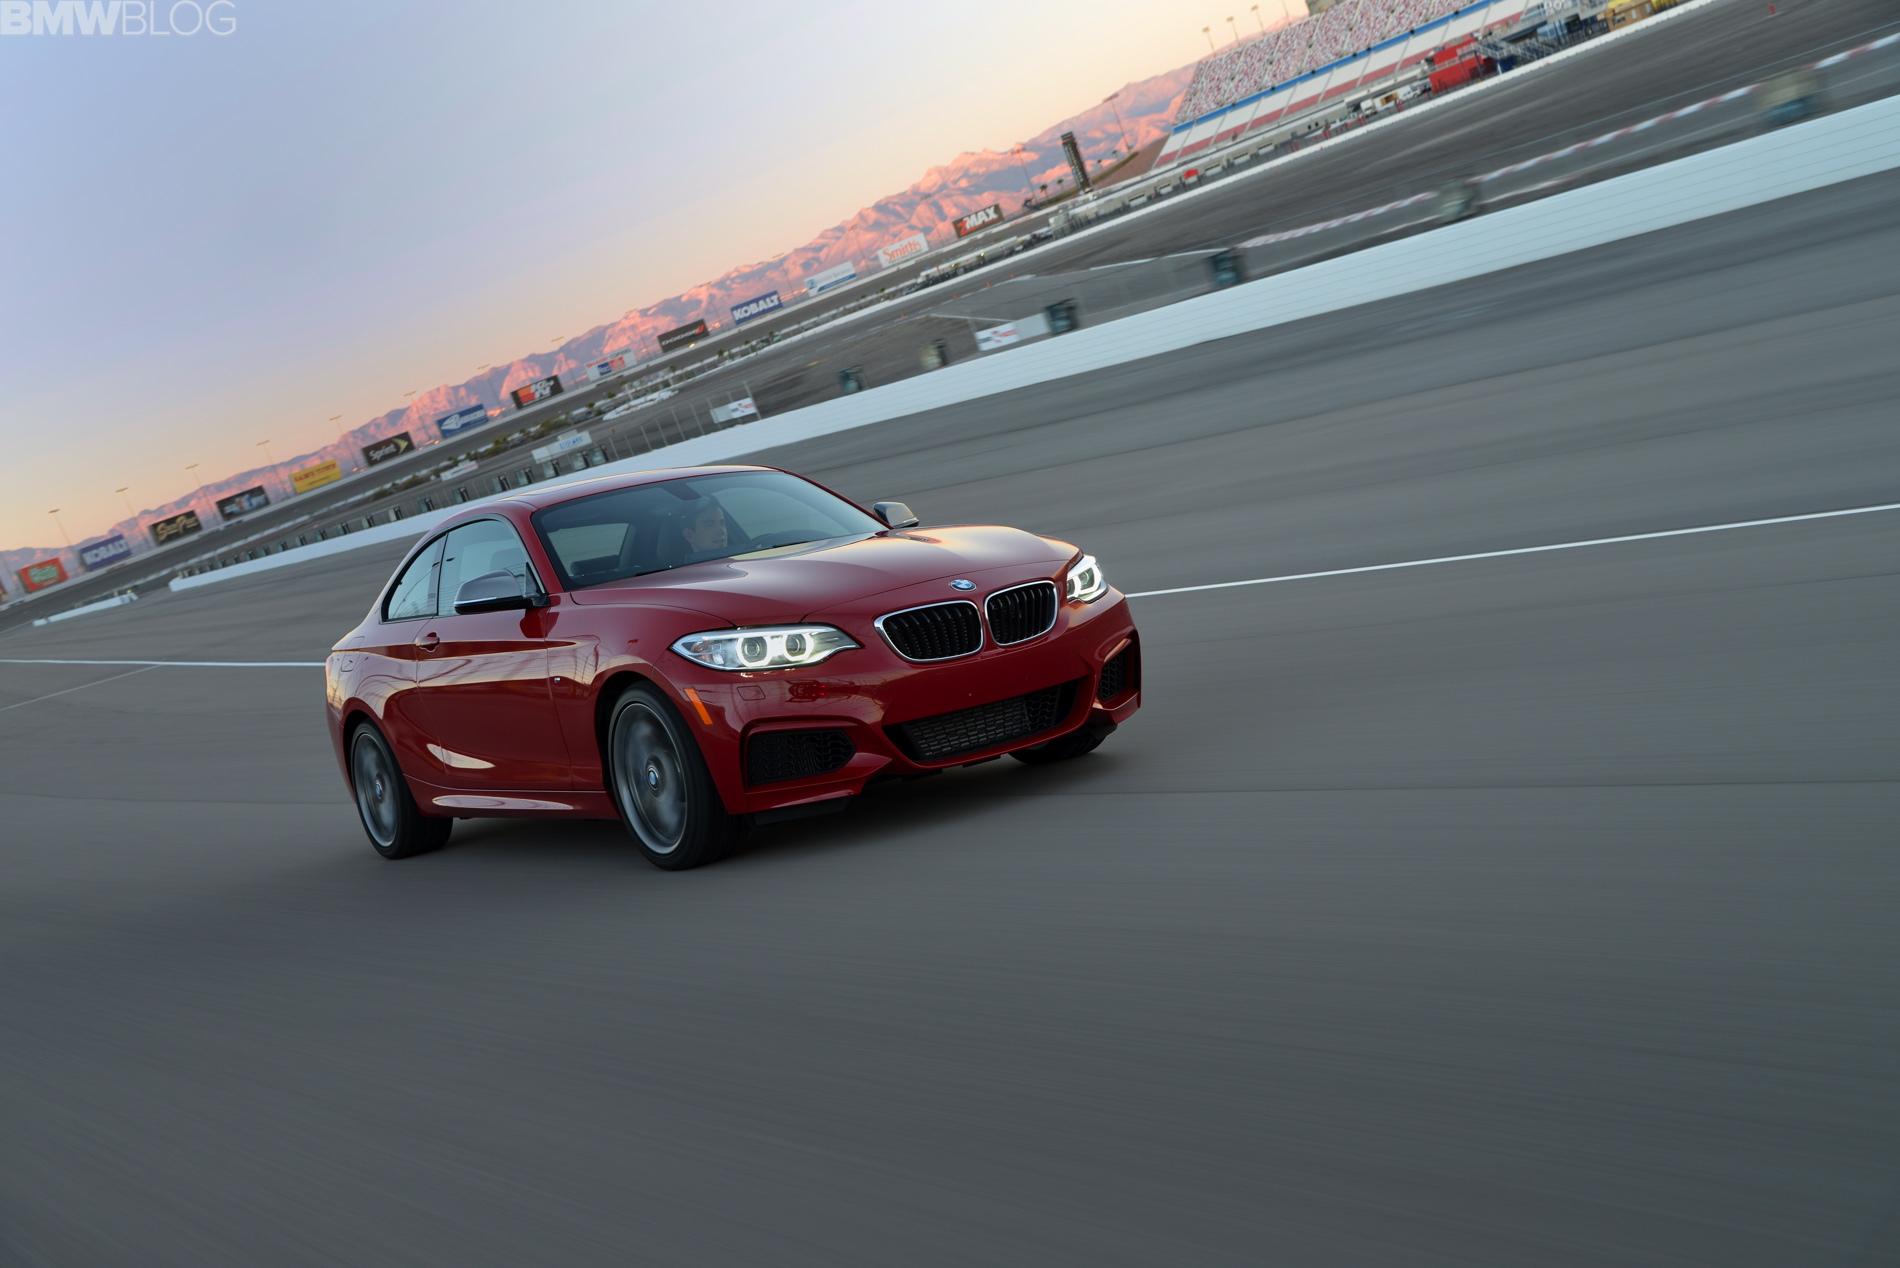 BMW M235i test drive las vegas images 01